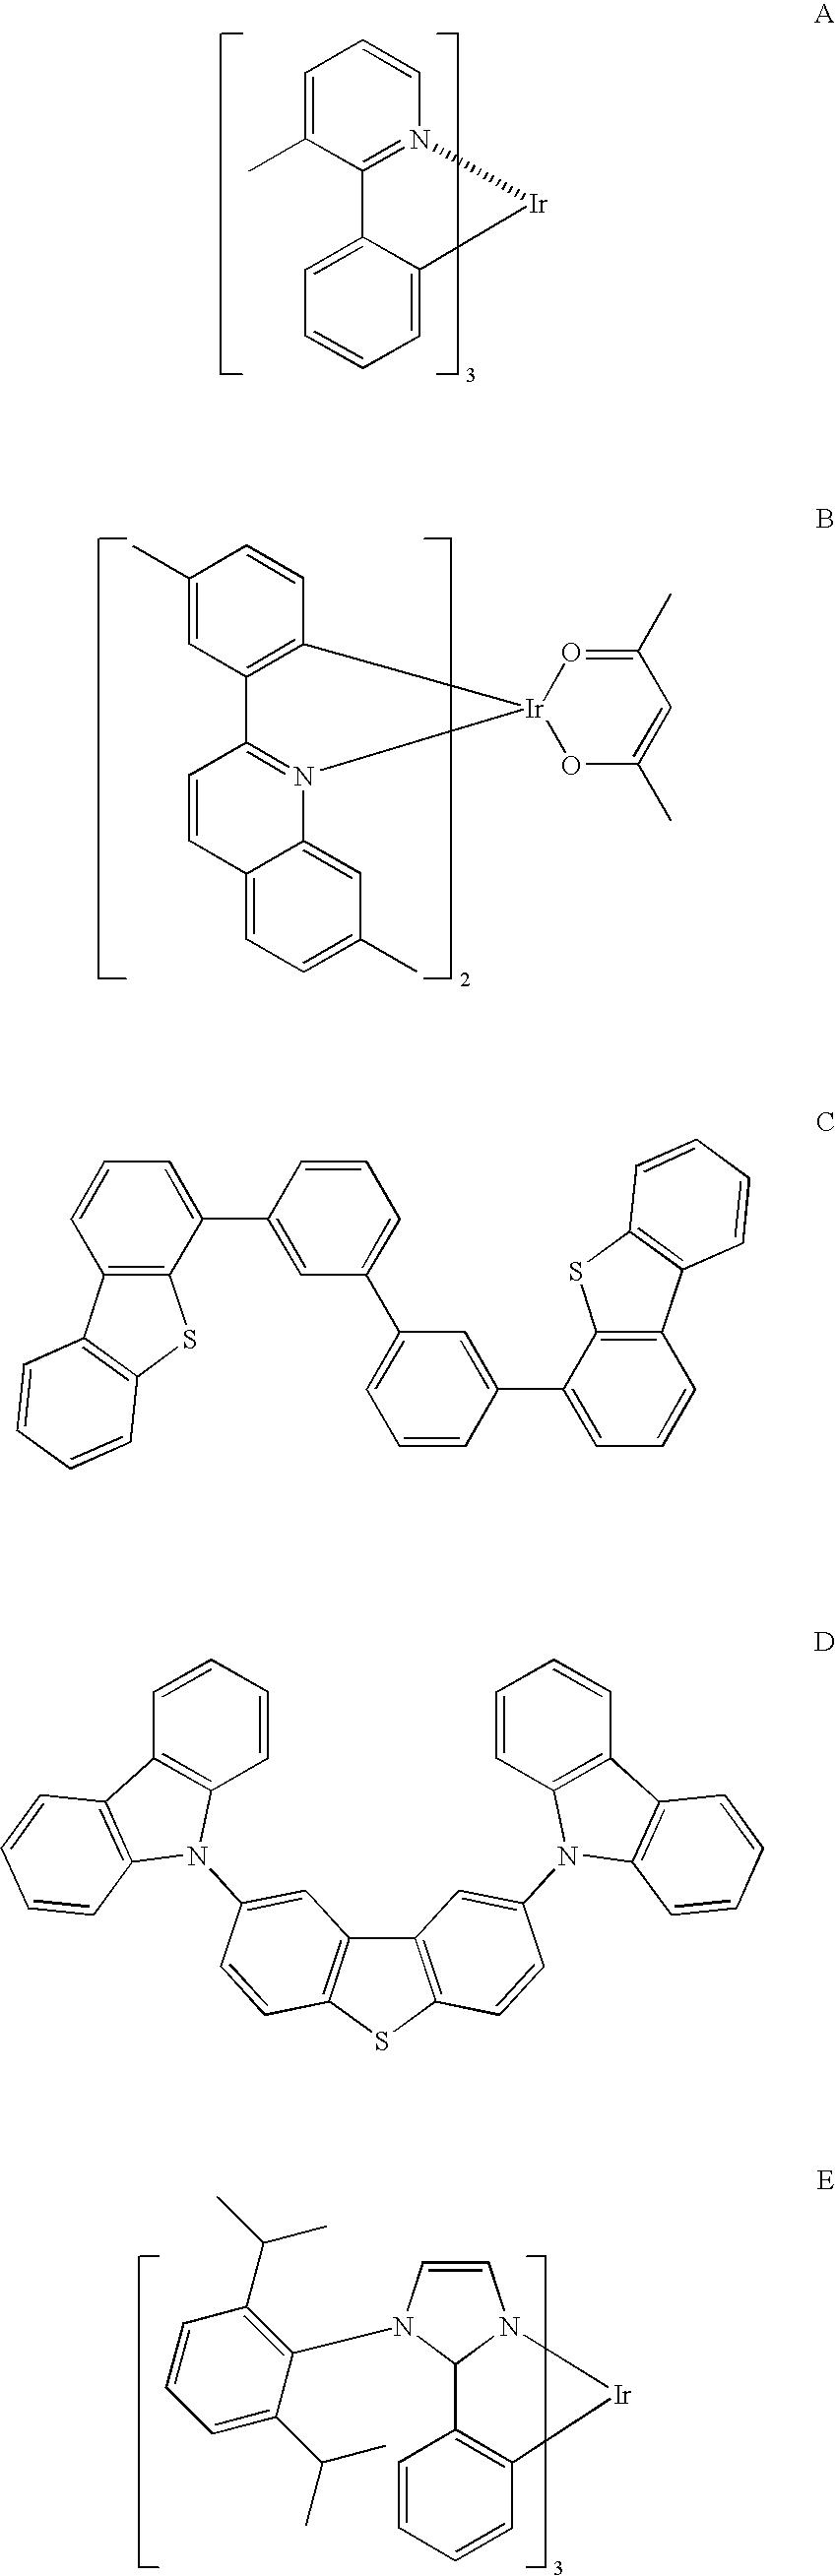 Figure US20090200927A1-20090813-C00002